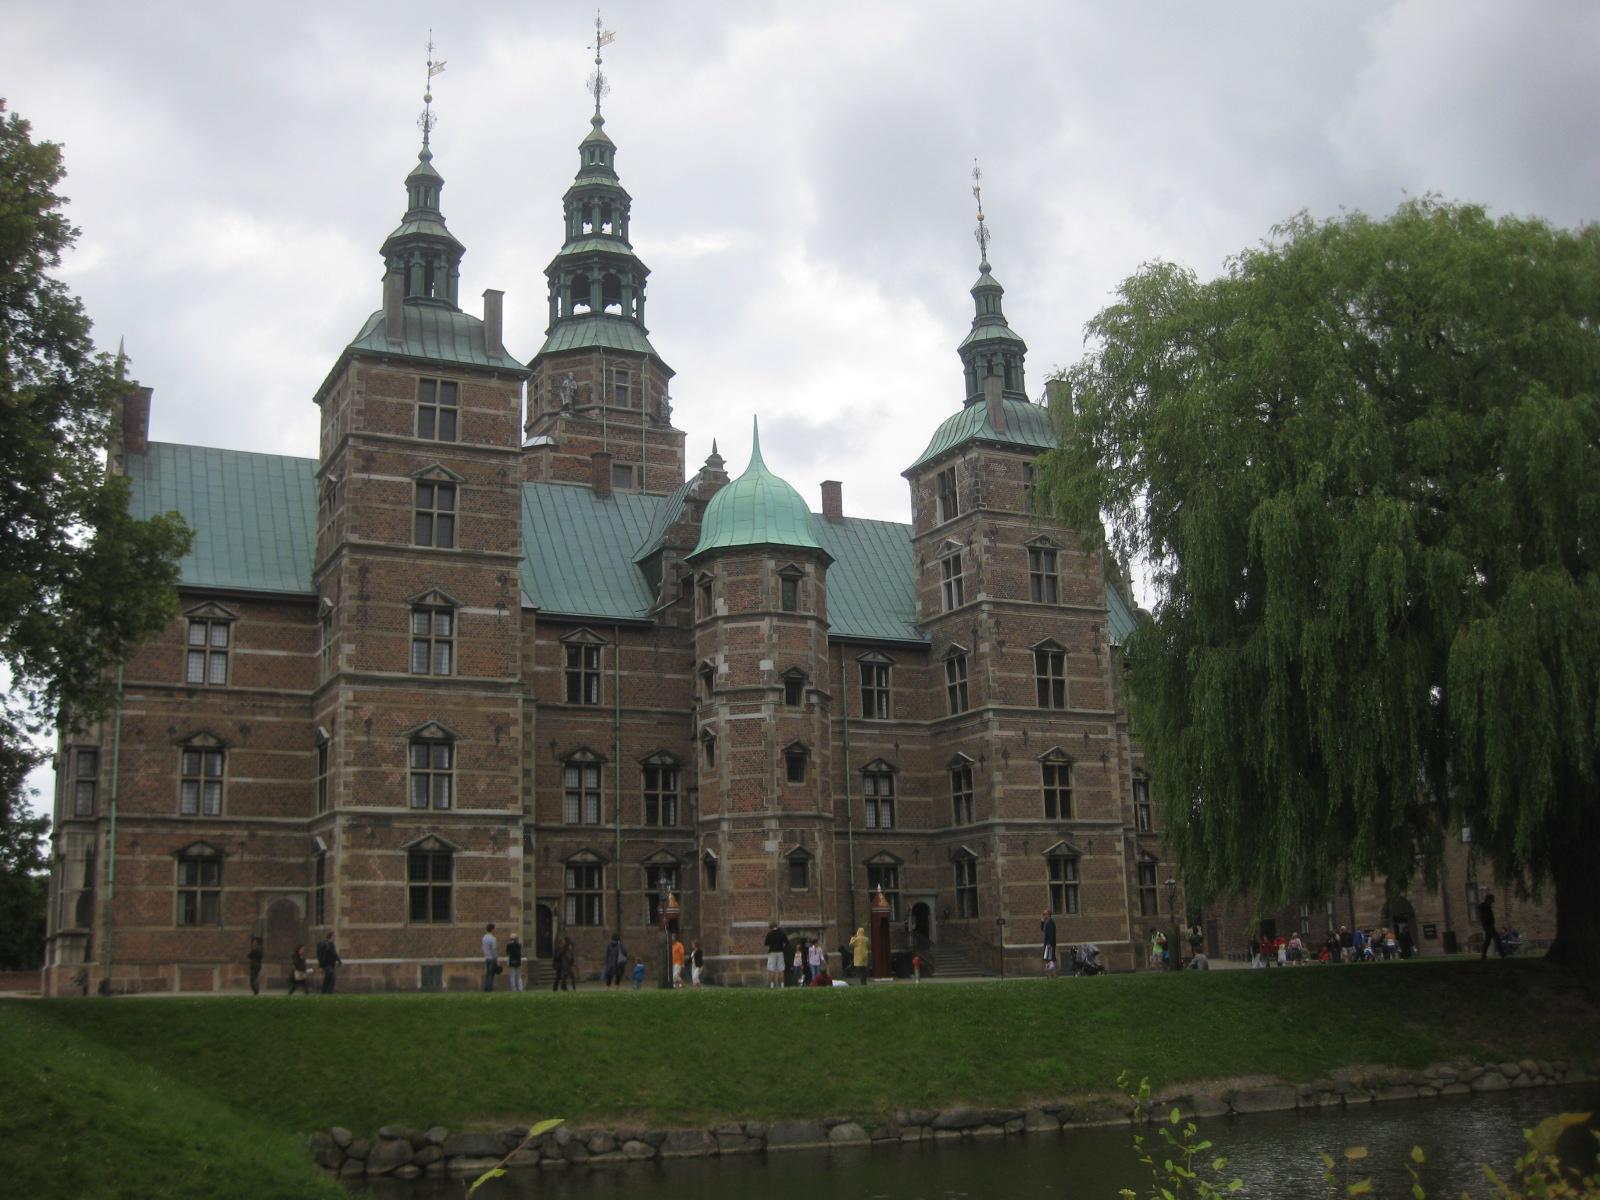 hannah 5: rosenborg castle & gardens - 491.7KB